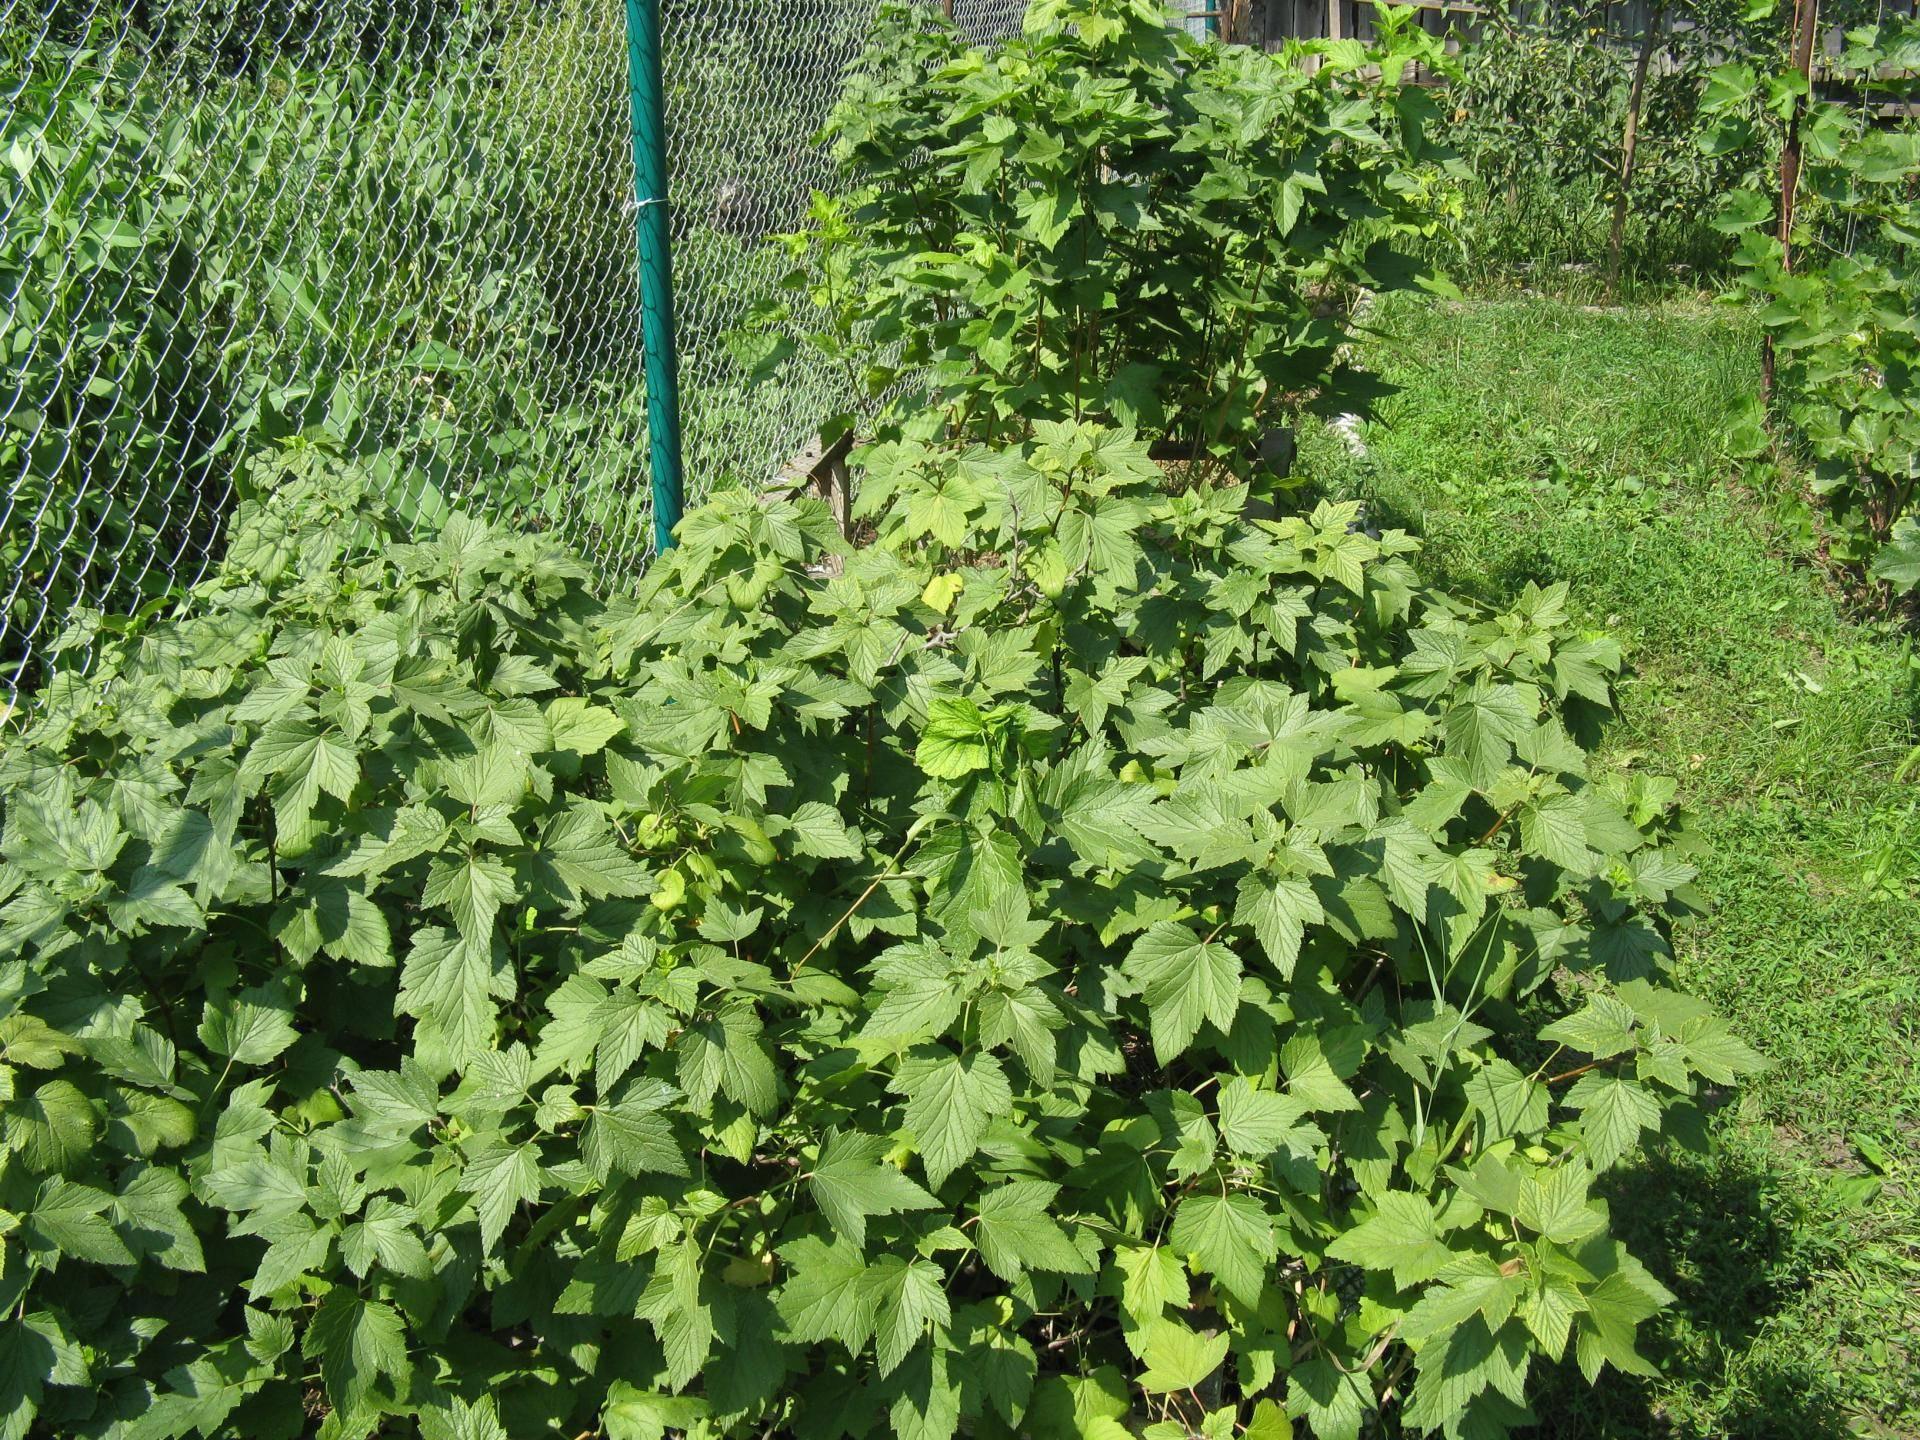 Черная смородина пигмей: отзывы, фото, описание крупноплодного сорта